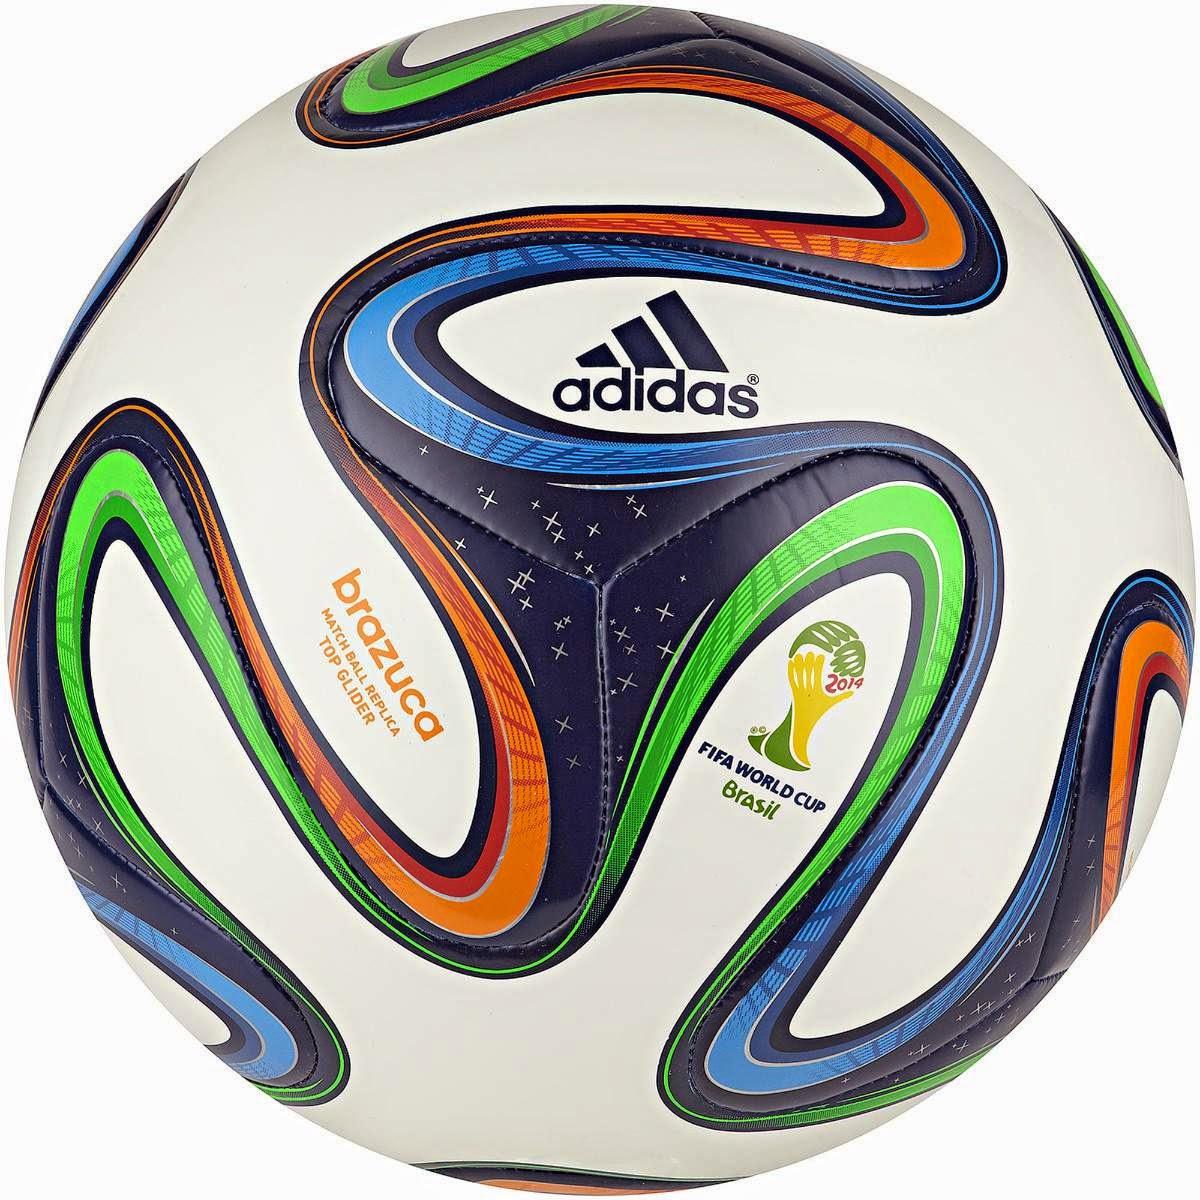 adidas 2014 wikipedia